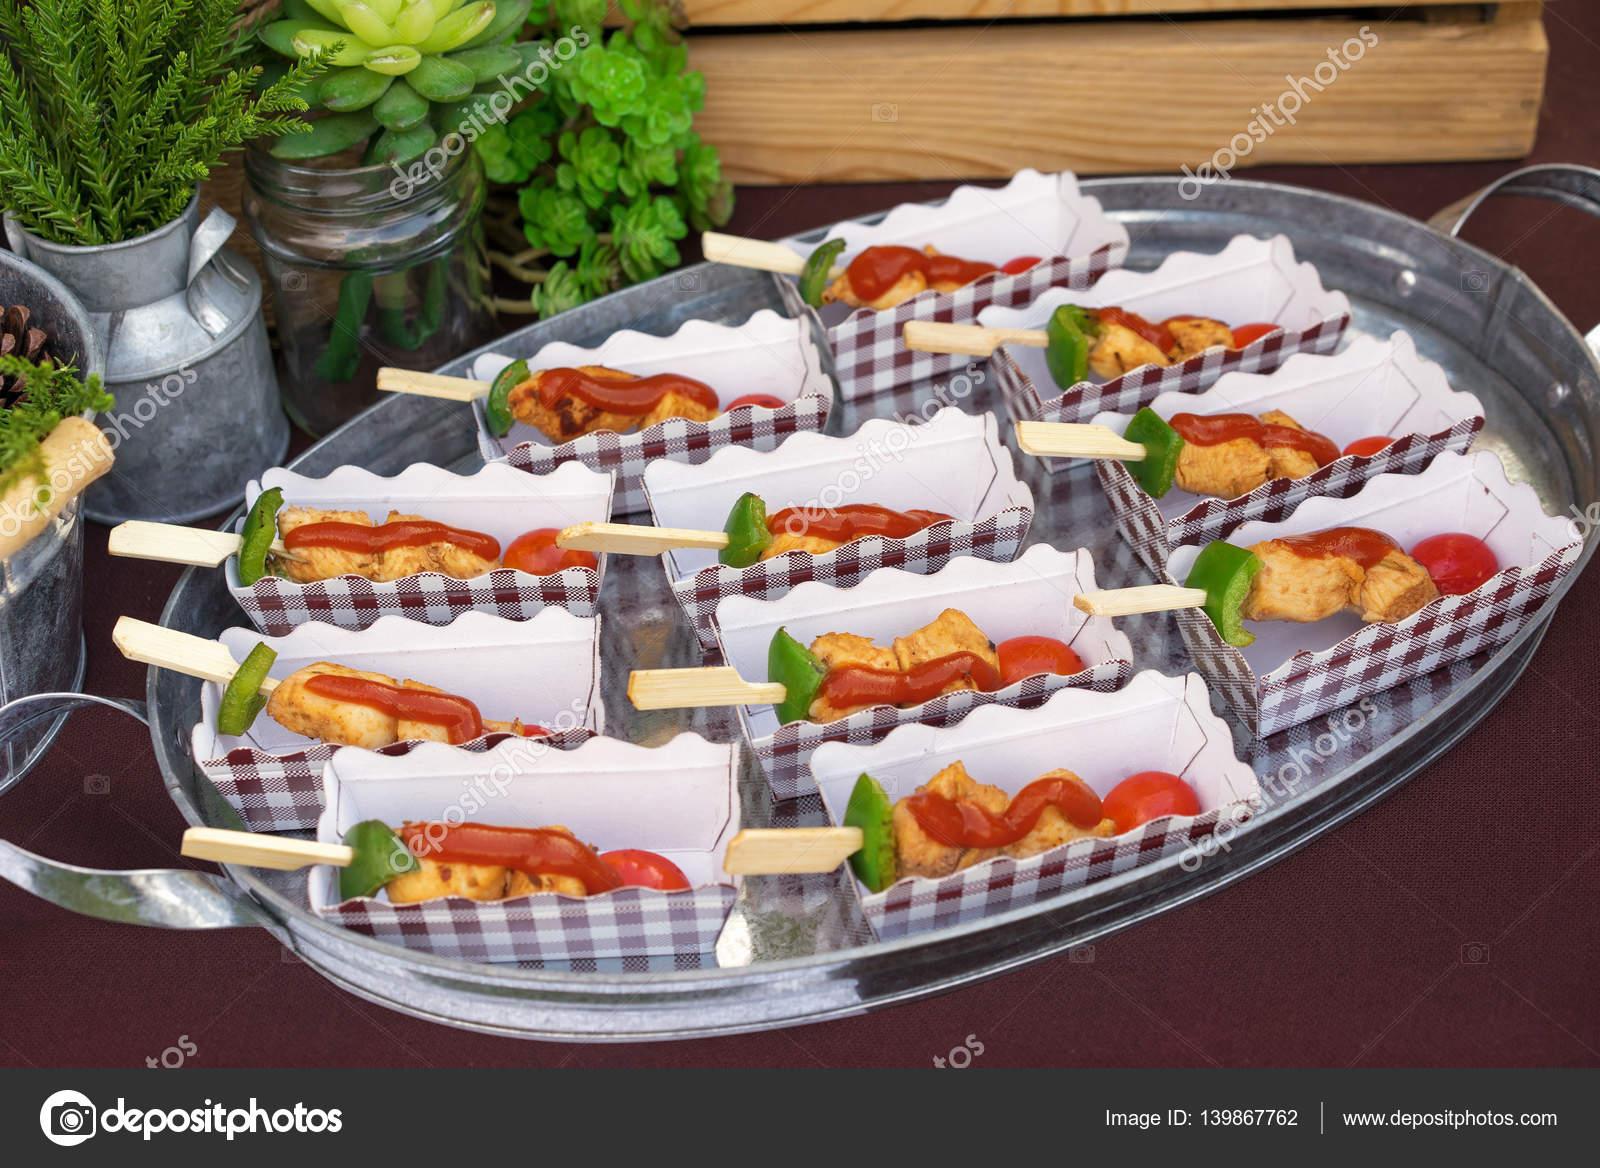 Gewaltig Dekoration Gartenparty Foto Von Catering-gartenparty, Dekoriert Und Serviert Tisch Mit Essen